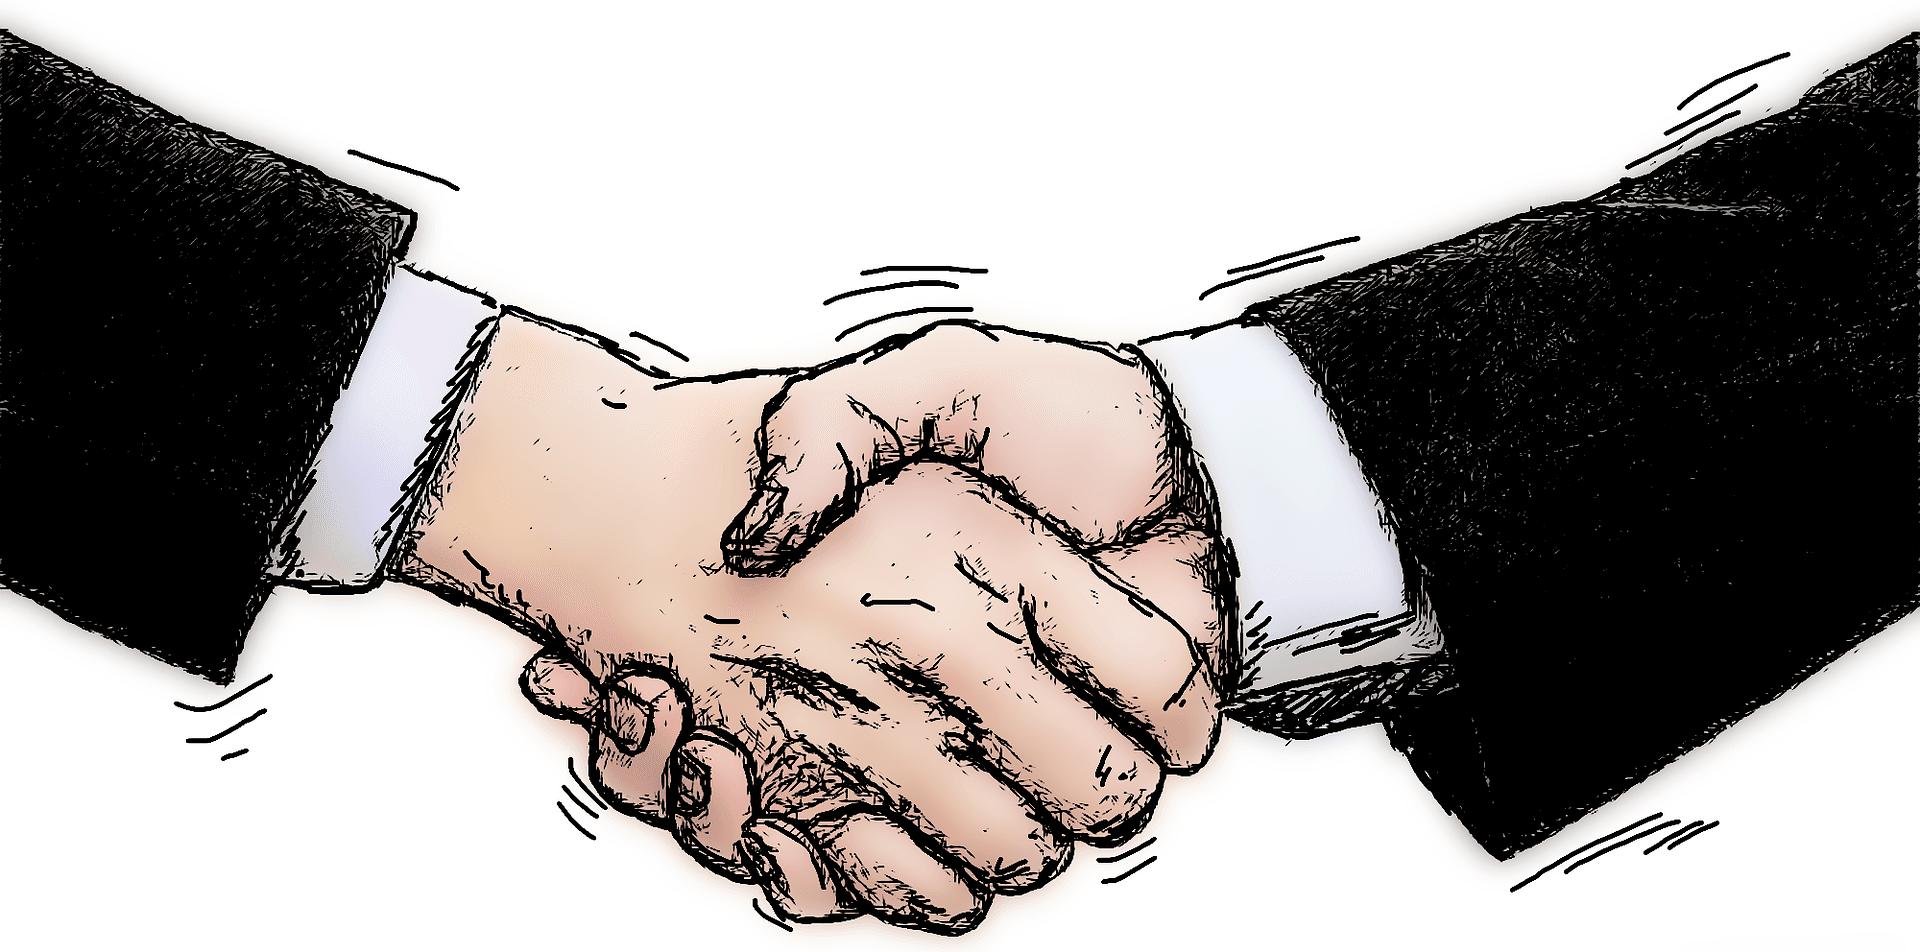 Comment négocier le prix d'un bien d'occasion lors d'un achat?